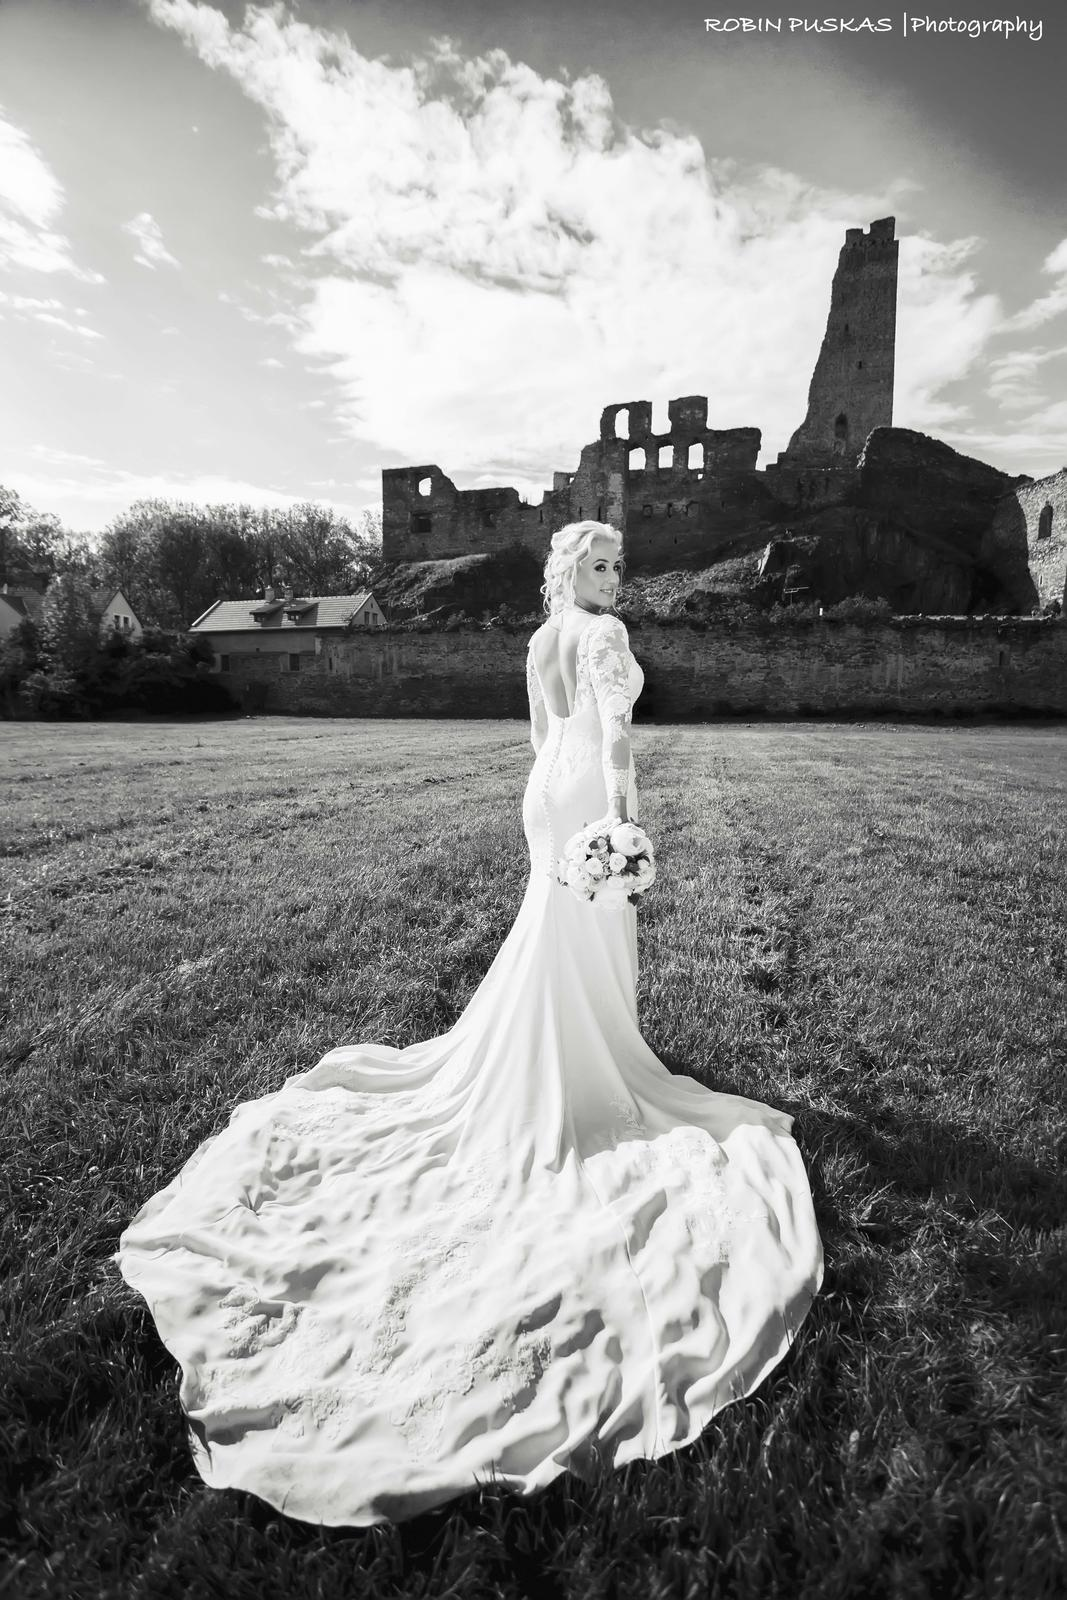 Weddings 👰2019 - Obrázek č. 11